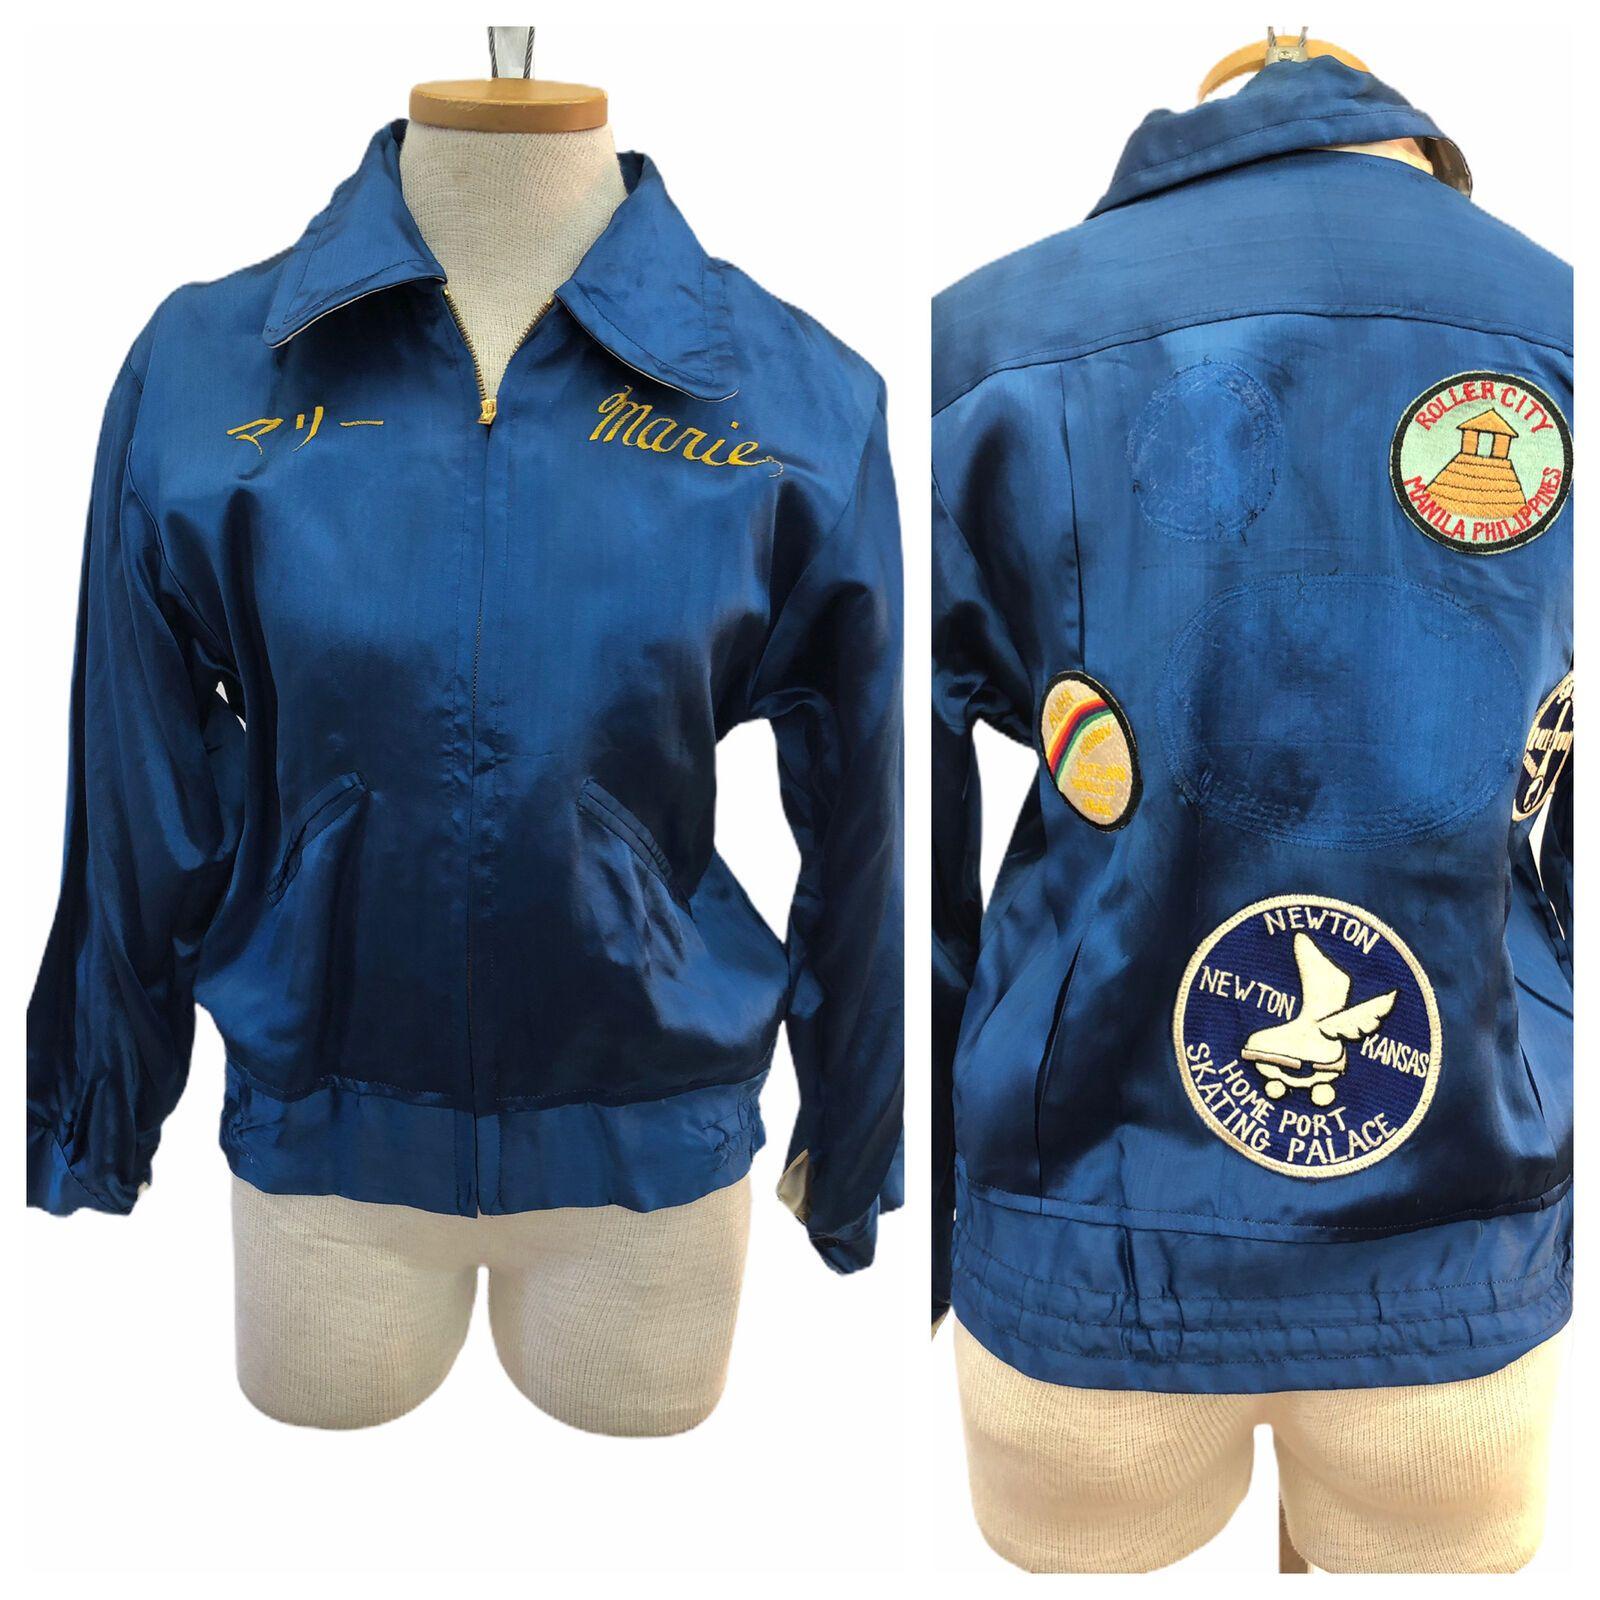 Vintage Vtg 1940s 40s Blue Satin Roller Blade Patched Personalized Bomber Jacket Ebay Bomber Jacket Vintage Bomber Jacket Patches Blue Satin [ 1600 x 1600 Pixel ]